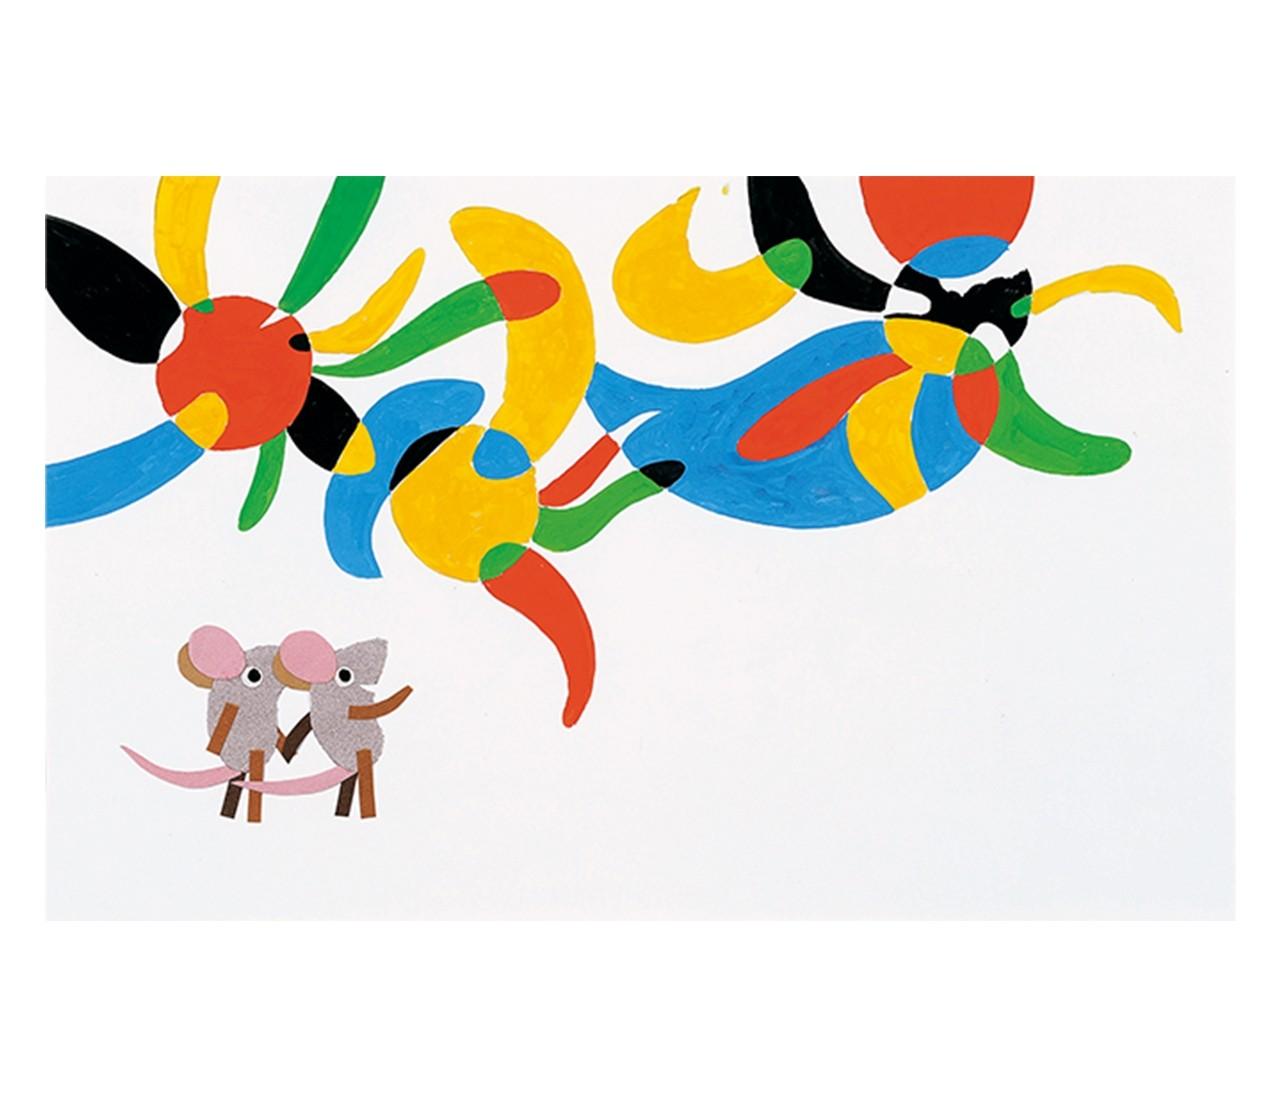 『みんなのレオ・レオーニ展』あの『スイミー』も。ワクワクしちゃう絵本作家の展覧会